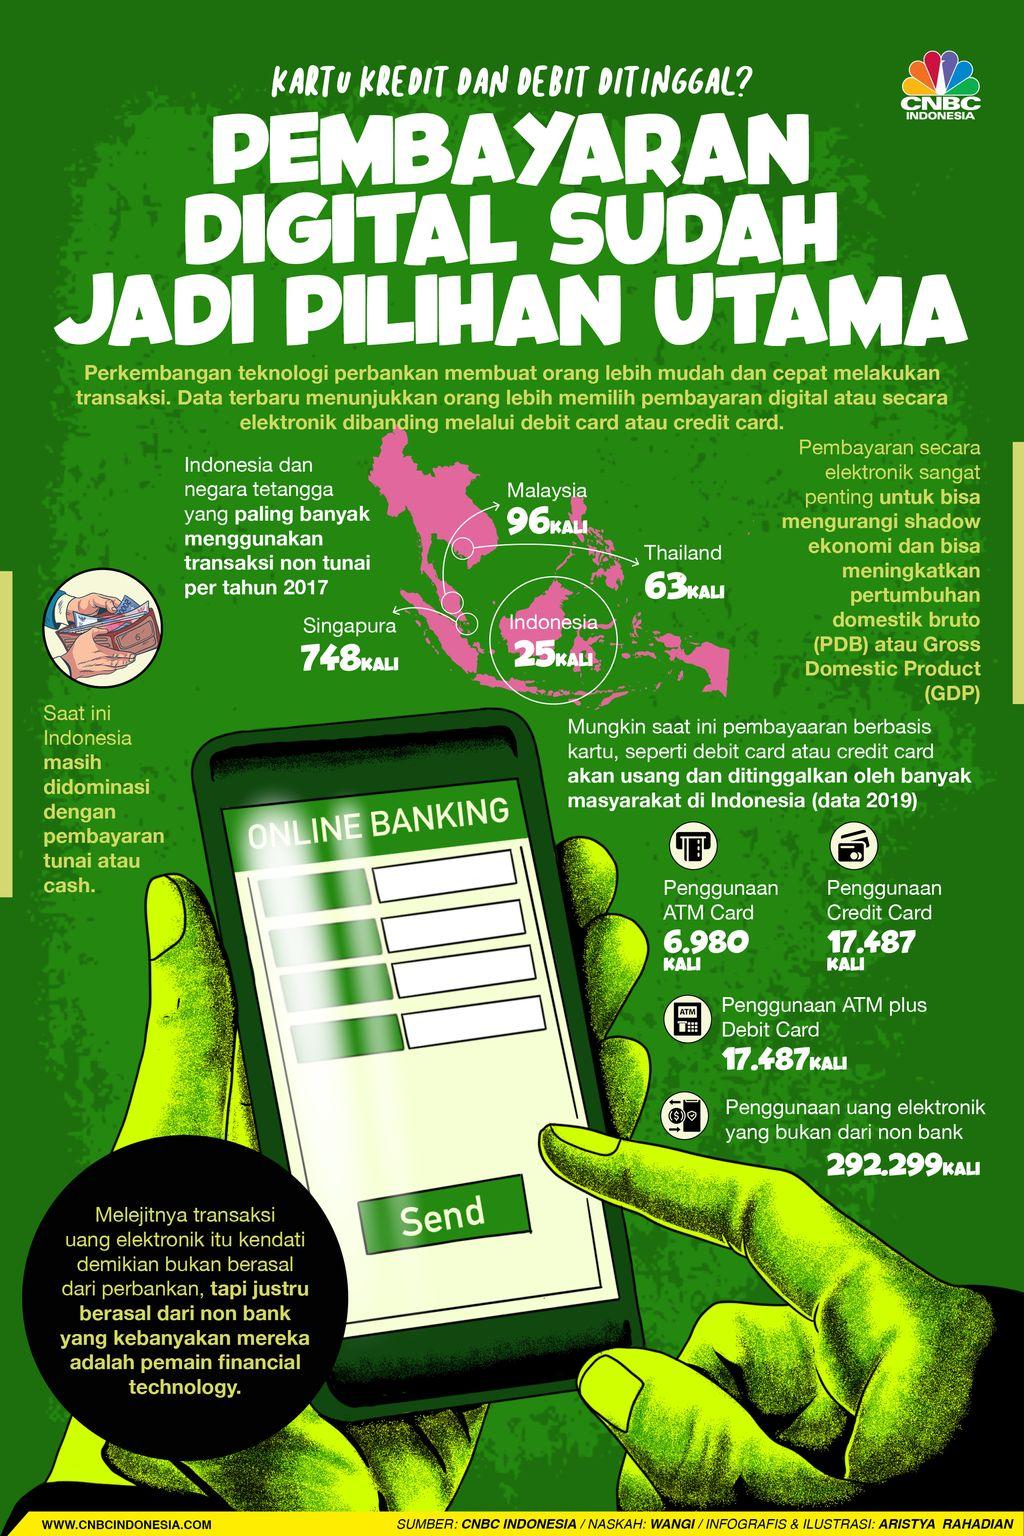 Infografis/Kartu Kredit dan Debit Ditinggal?pembayaran  digital sudah  jadi pilihan utama